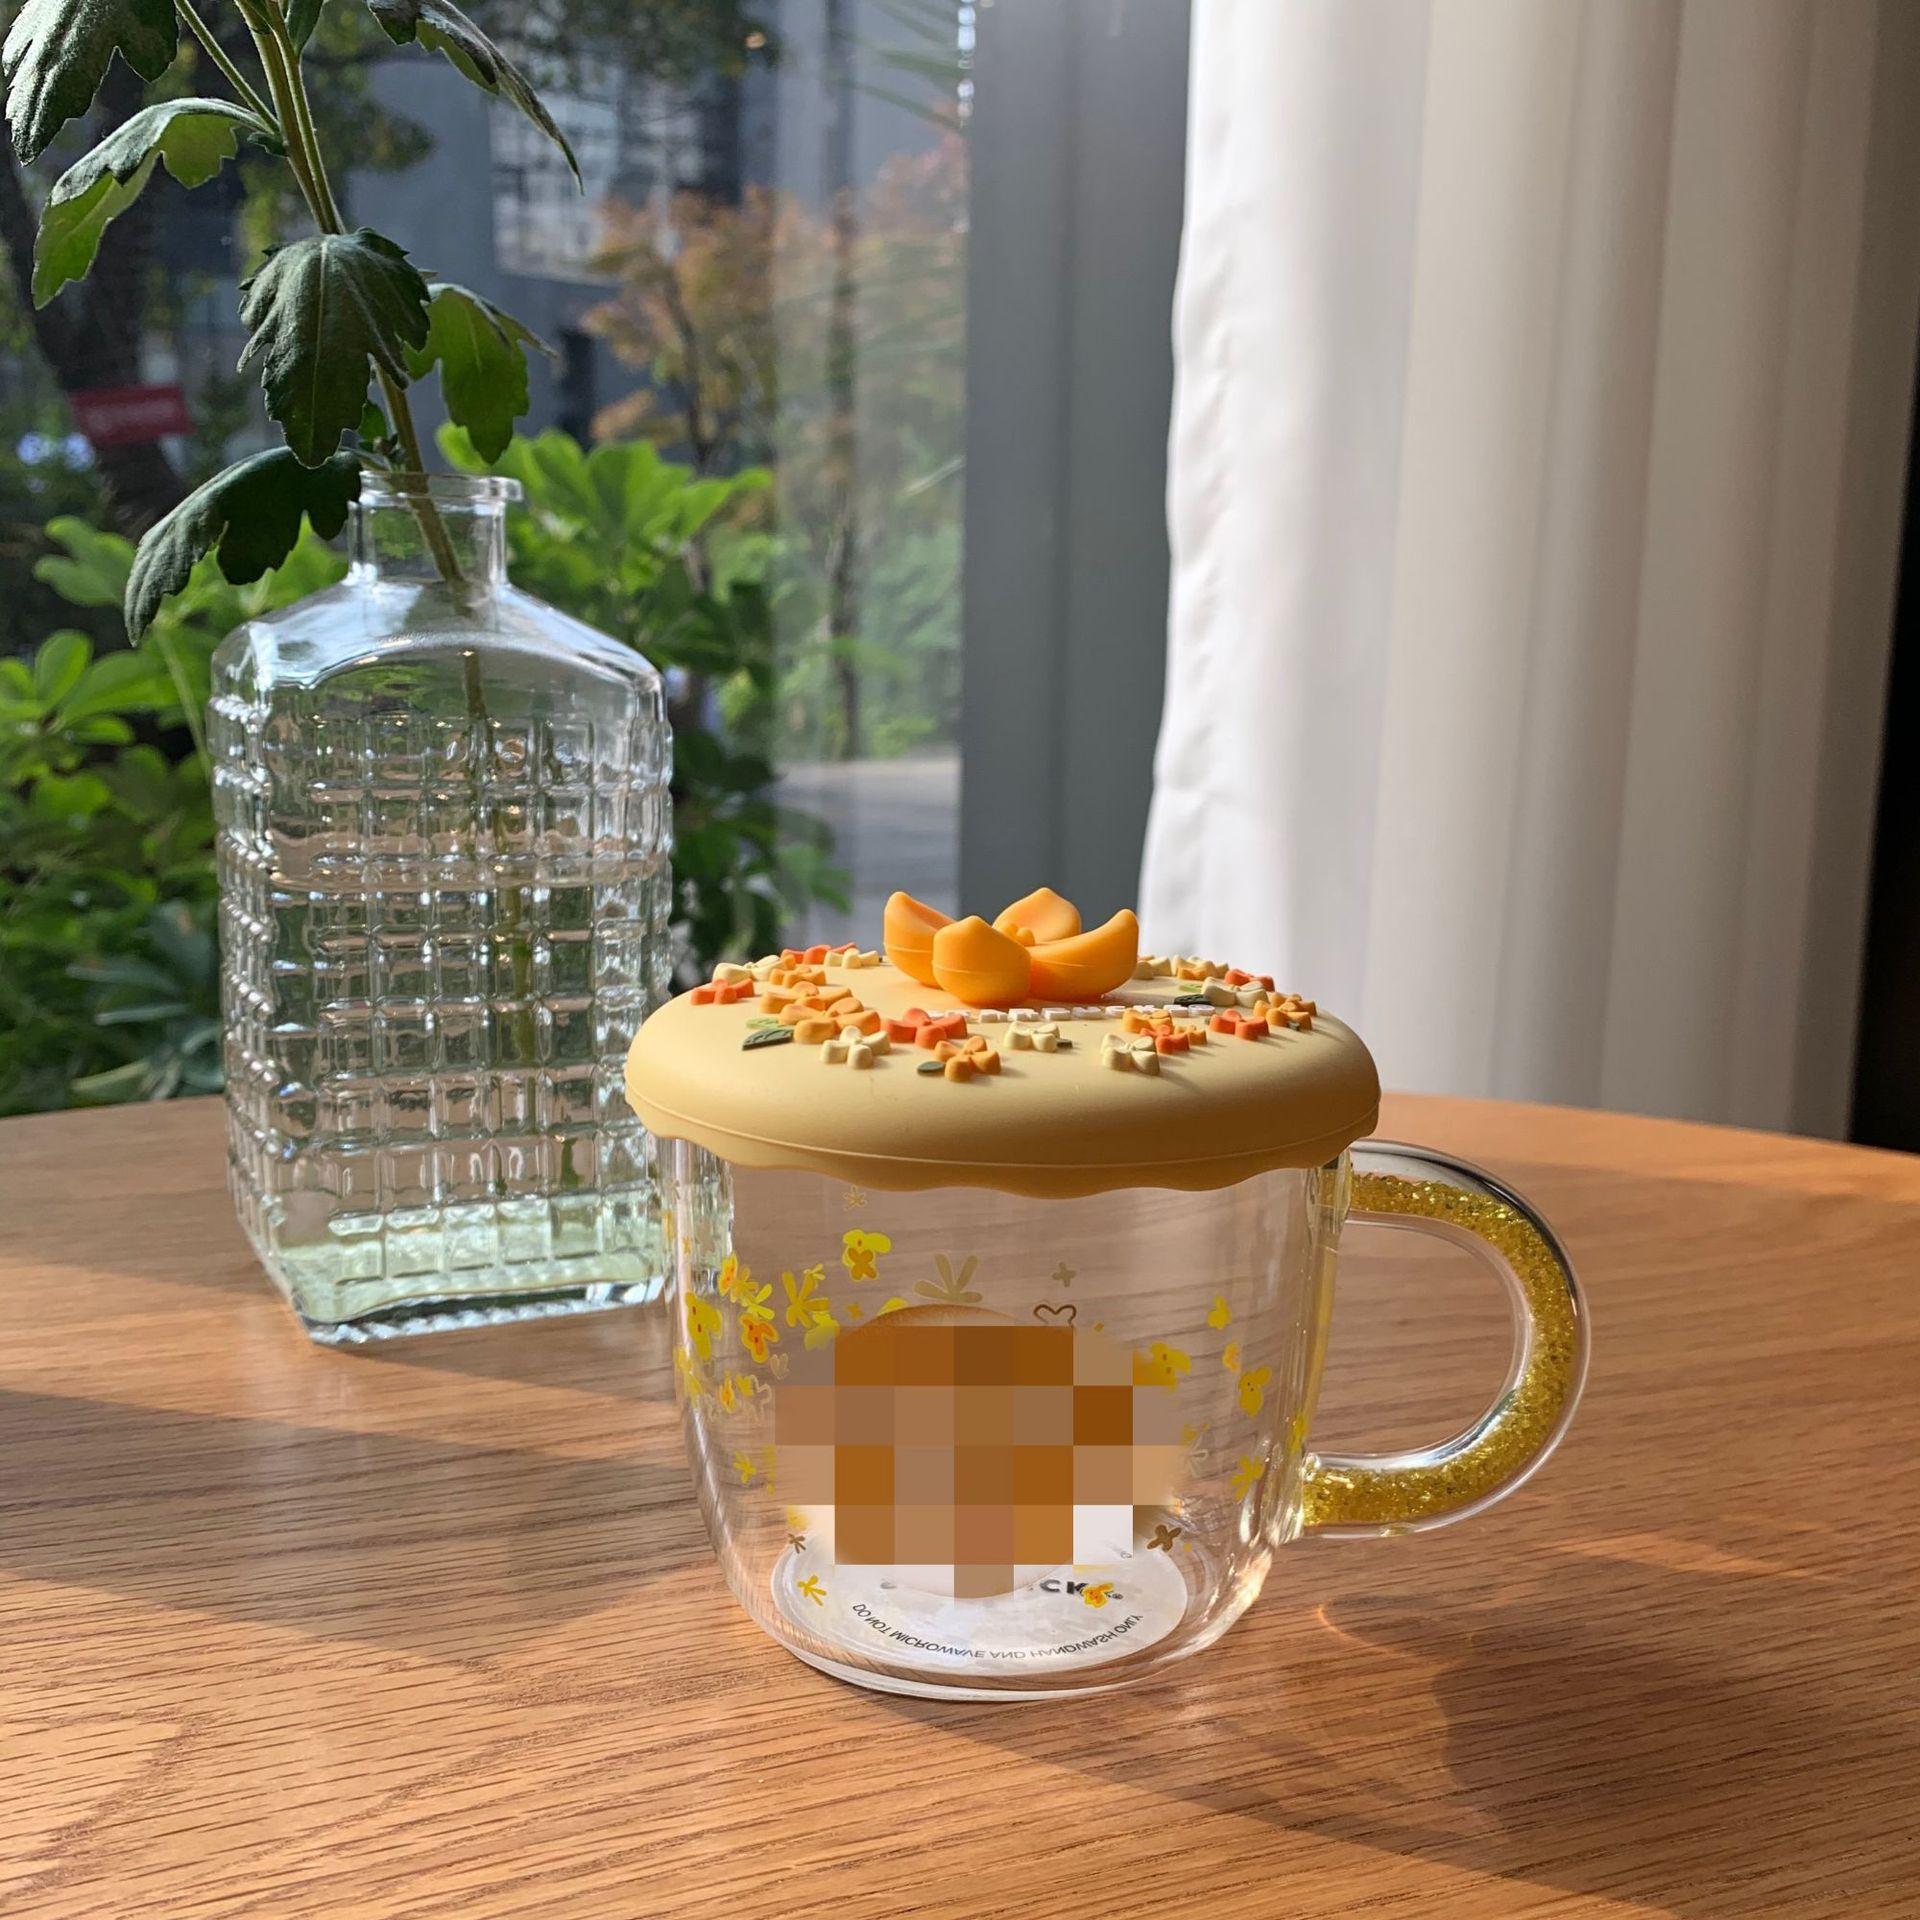 星巴陶瓷杯桂花季金色桂花杯硅膠杯蓋耐熱玻璃杯咖啡杯創意馬克杯